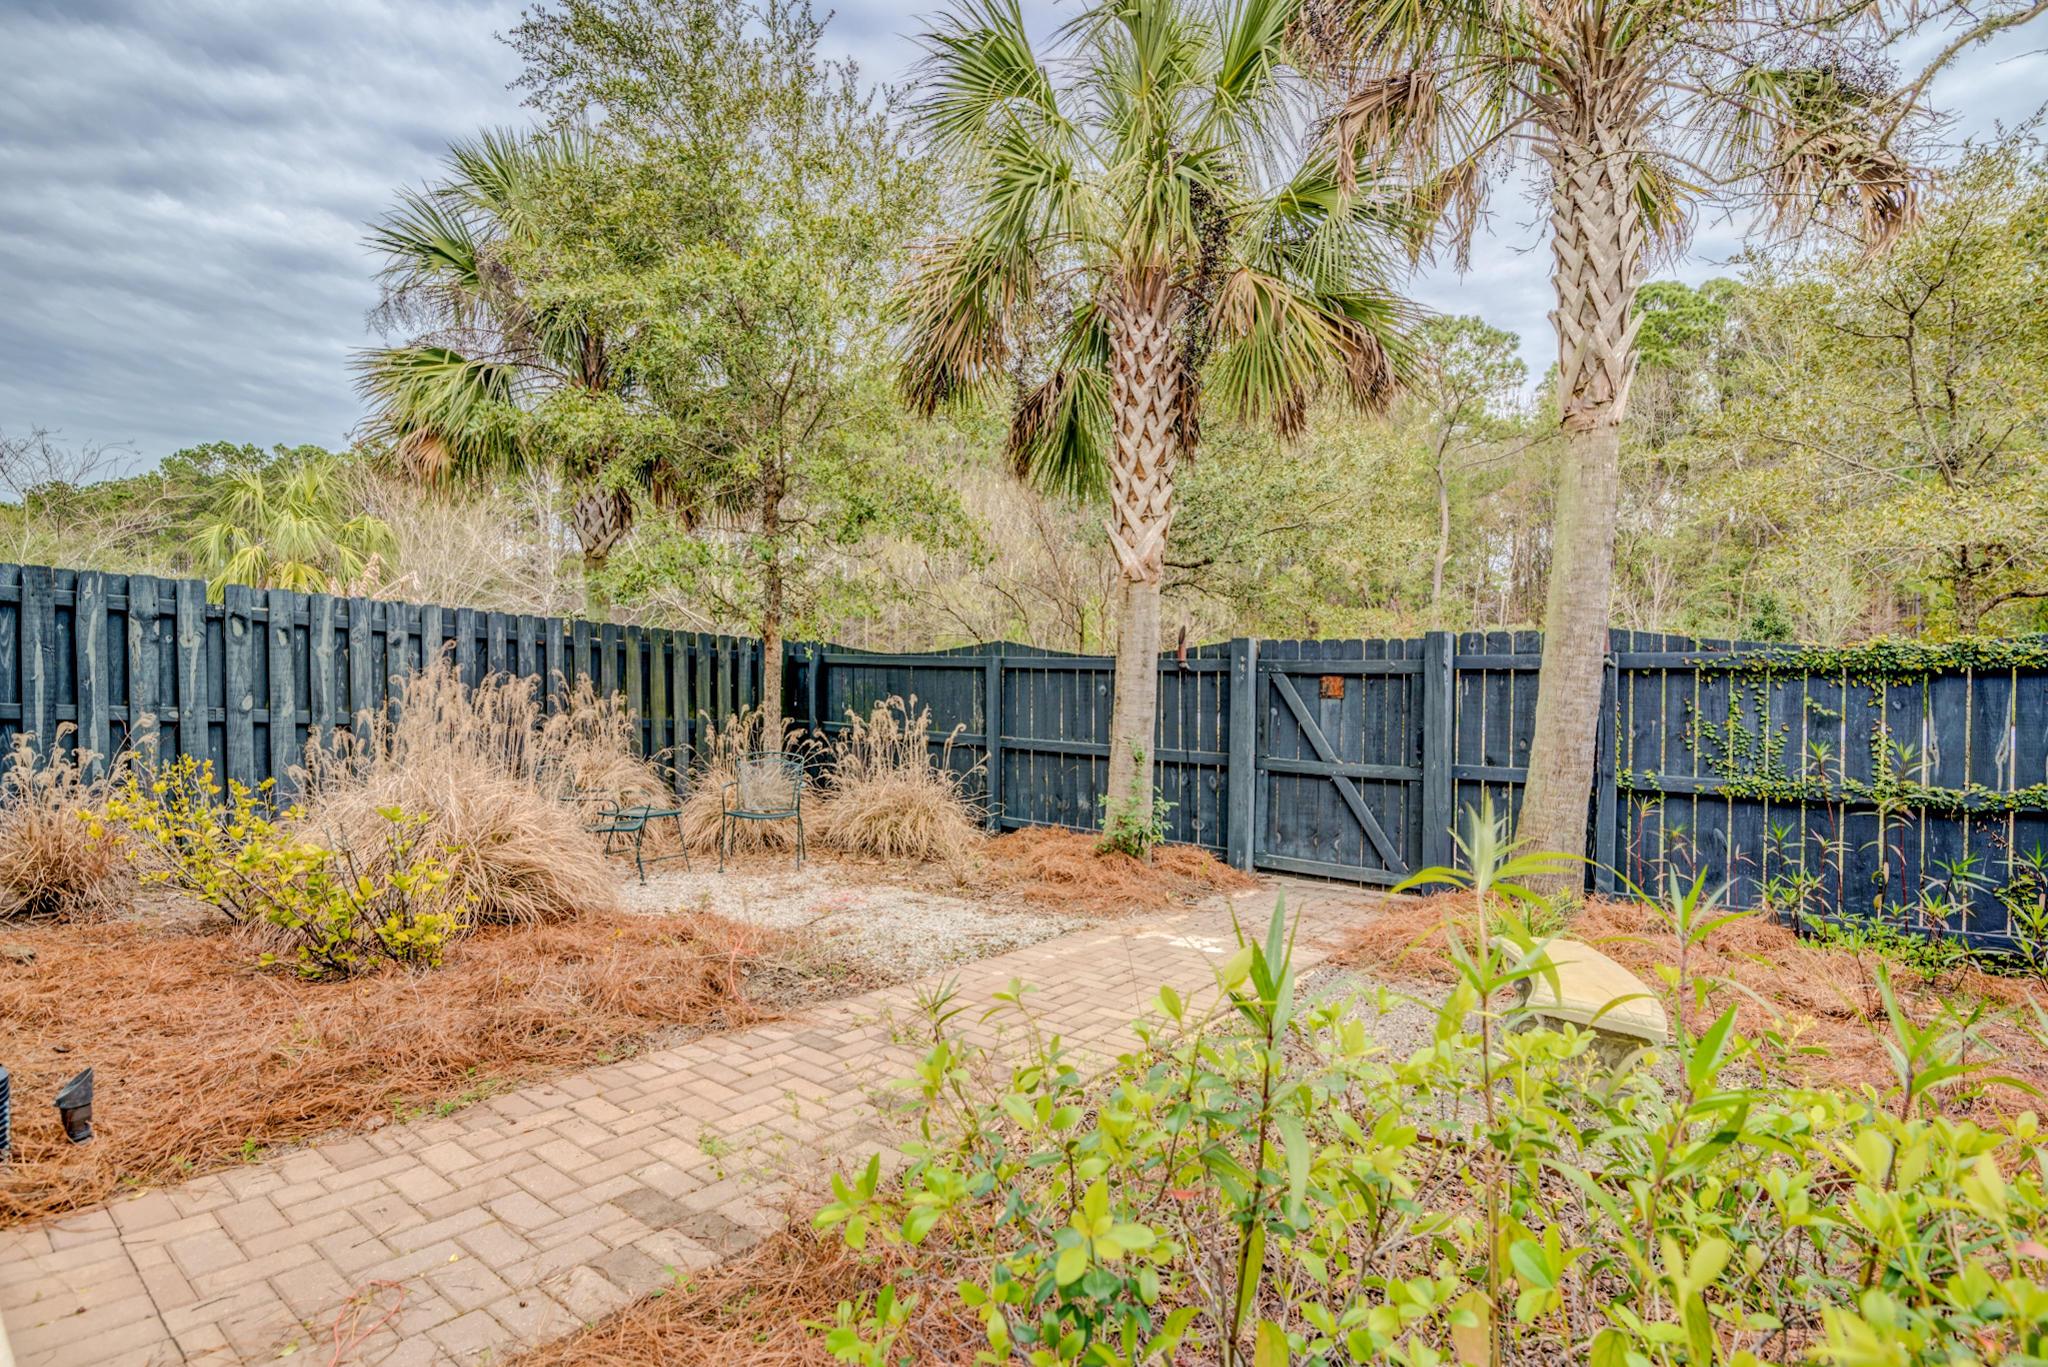 Park West Homes For Sale - 3001 Parkwest, Mount Pleasant, SC - 0